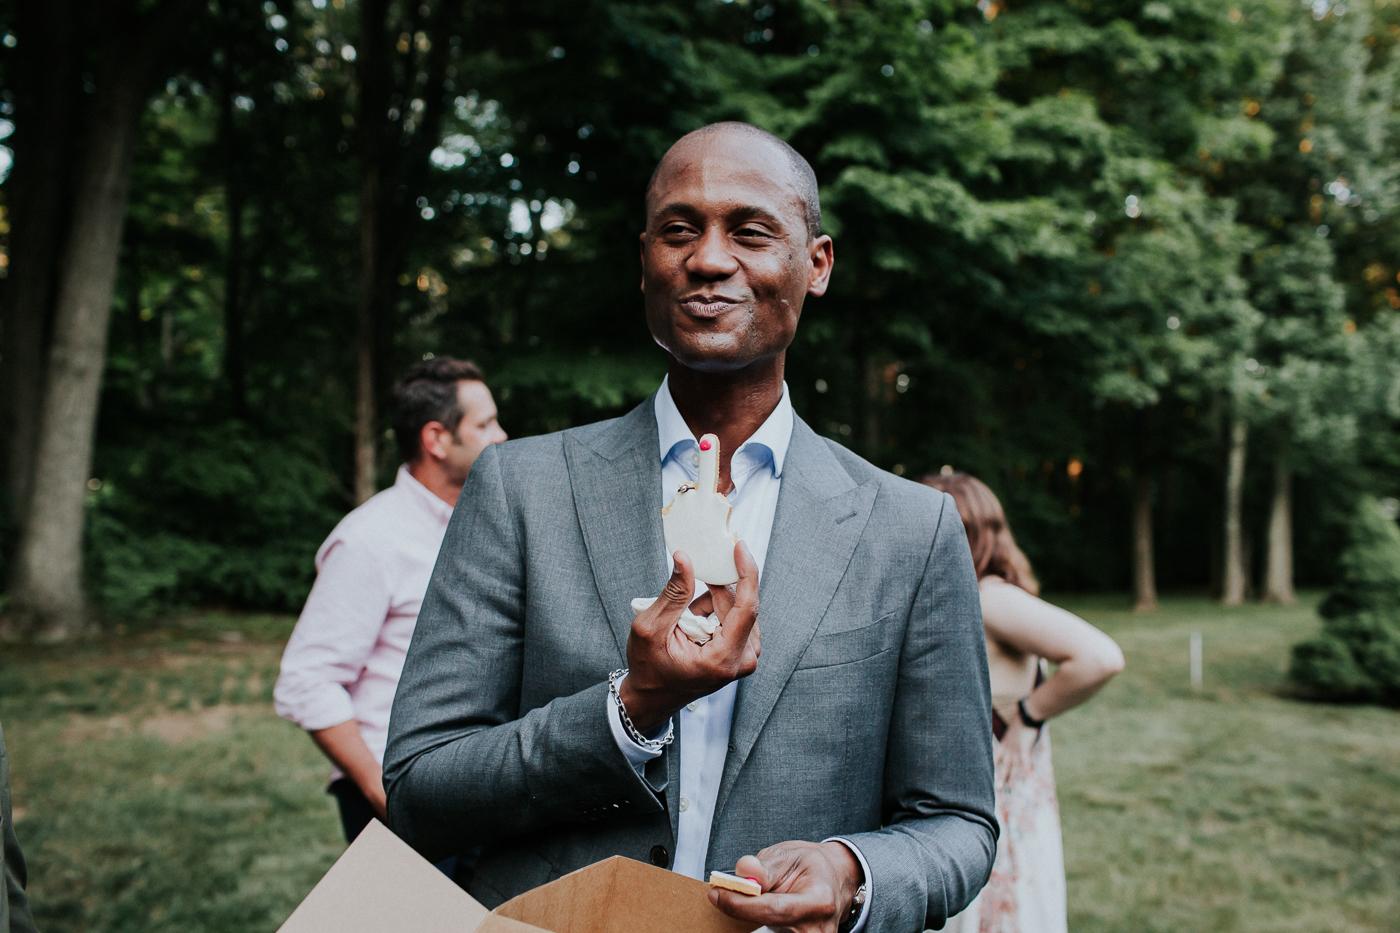 Westchester-New-York-Intimate-Backyard-Garden-Documentary-Wedding-Photographer-25.jpg